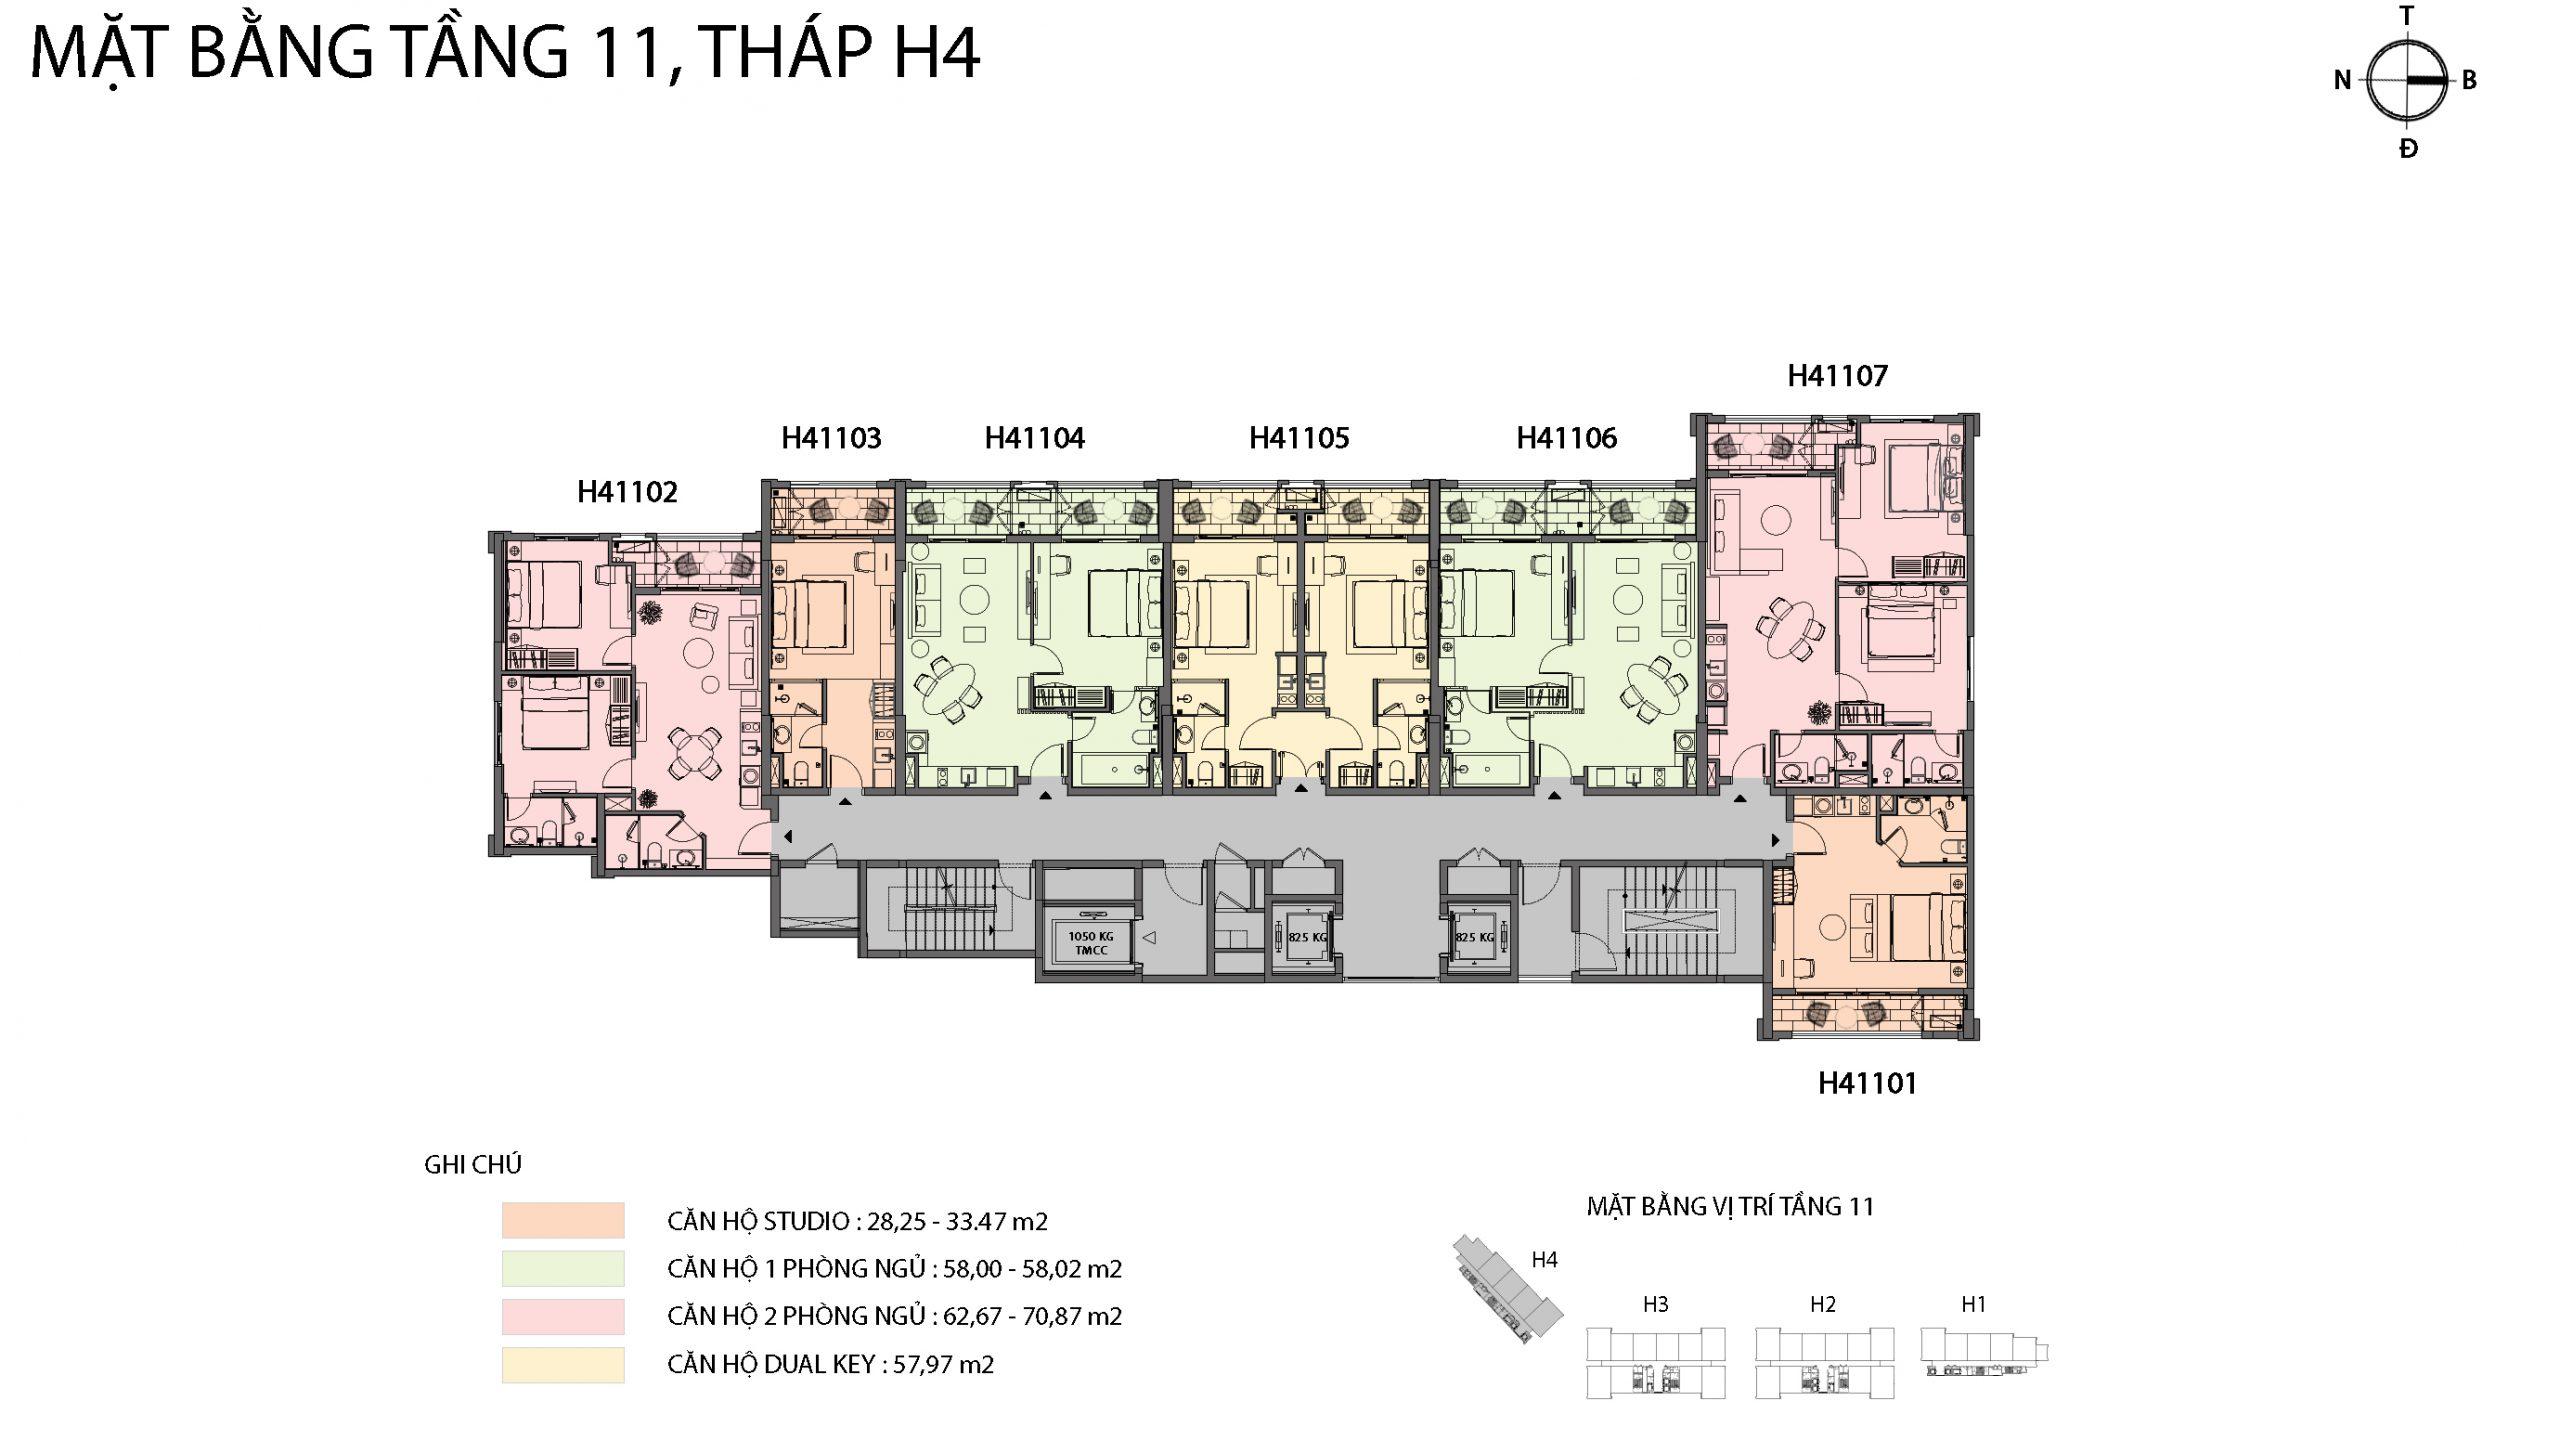 Mặt bằng chi tiết tòa căn hộ H4 - Sun Grand City Hillside Residence 9